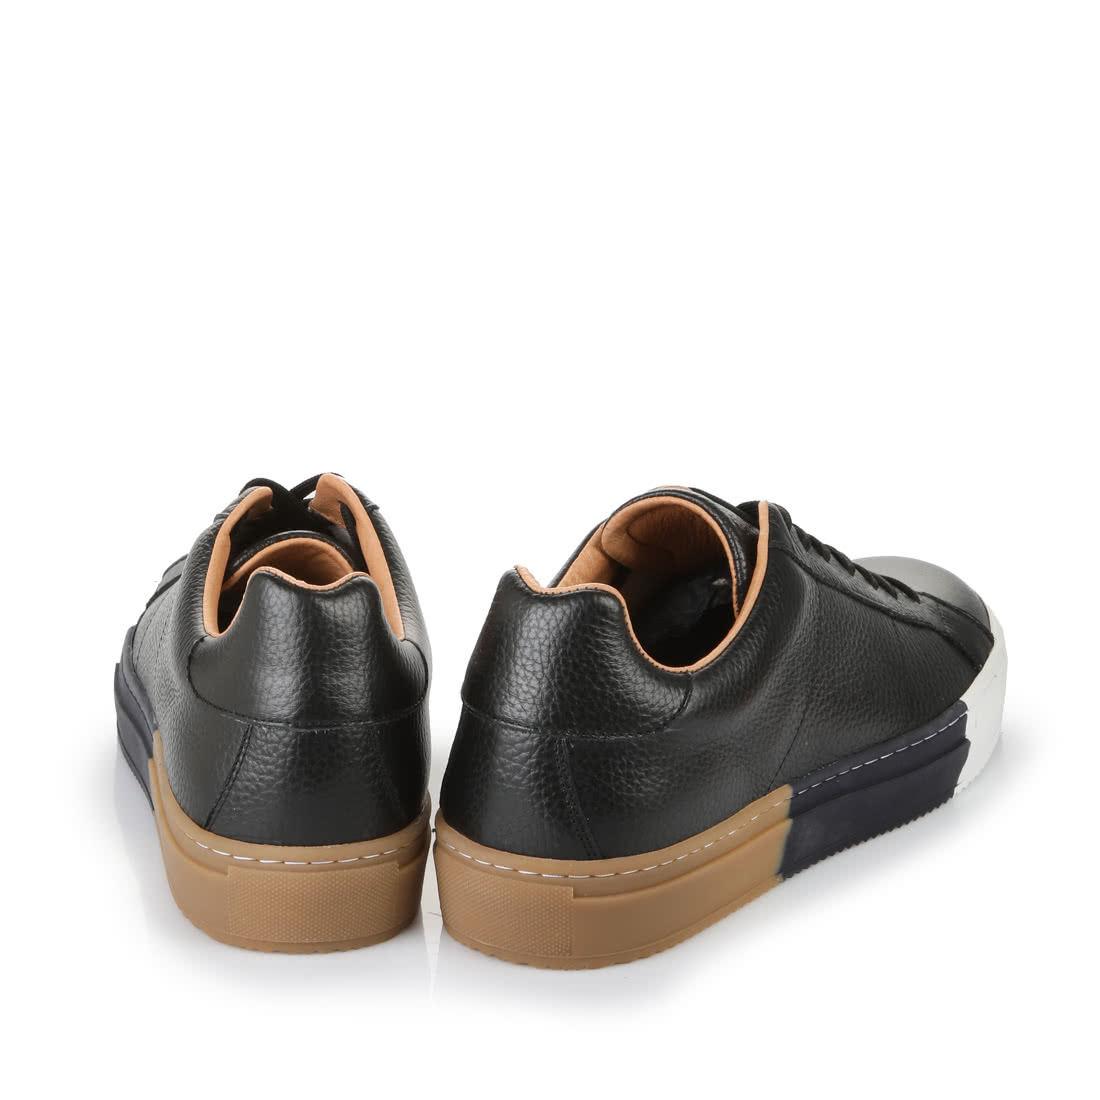 Buffalo Herren Sneaker in schwarz online kaufen  BUFFALO